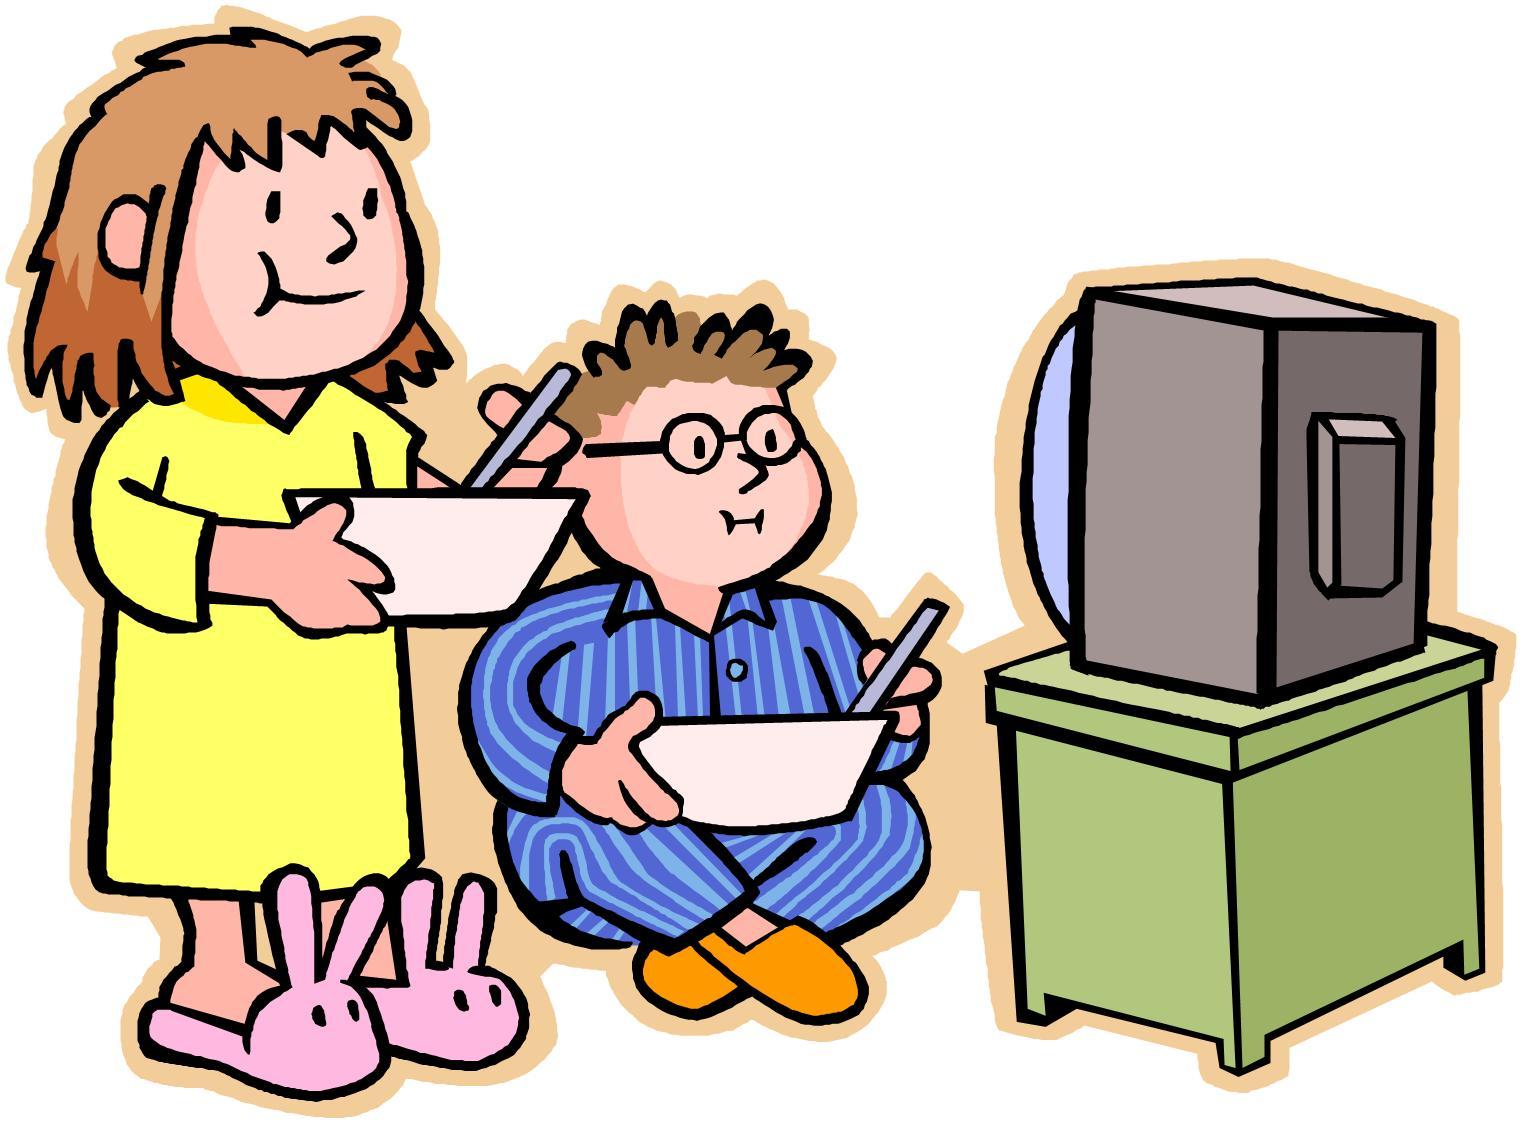 Картинка смотреть телевизор для детей, алкоголь